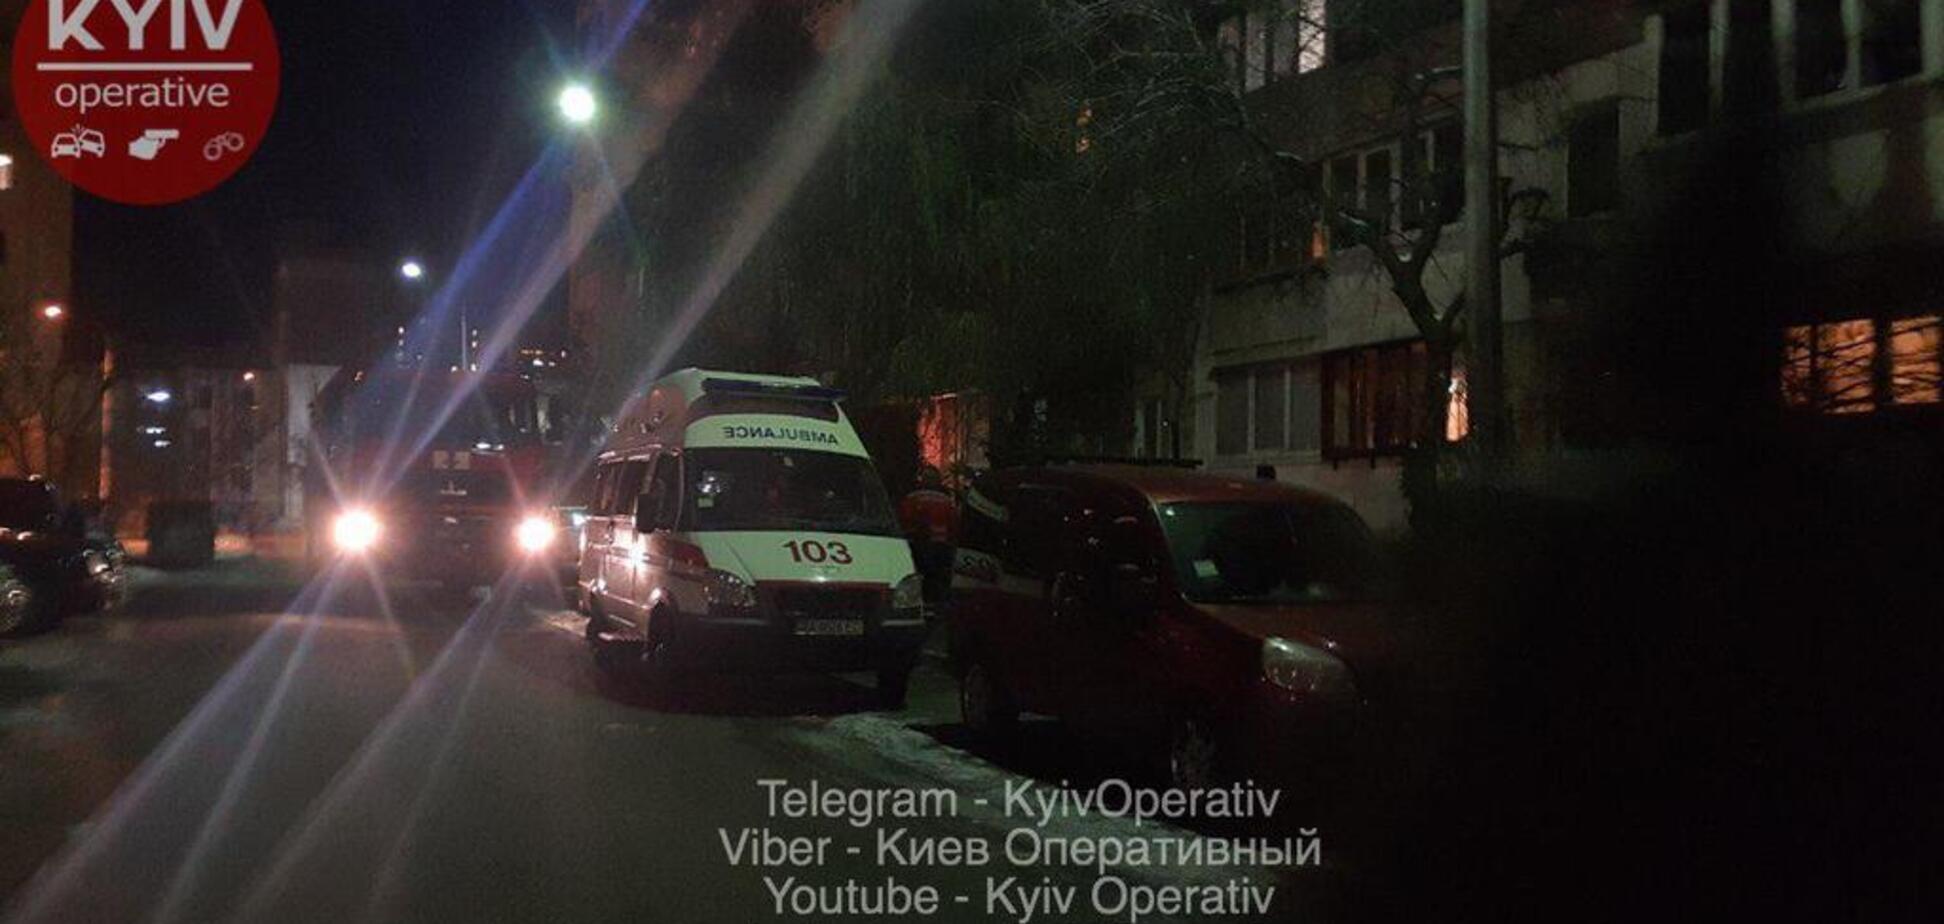 У Києві невідомий погрожував підірвати будинок: подробиці і фото